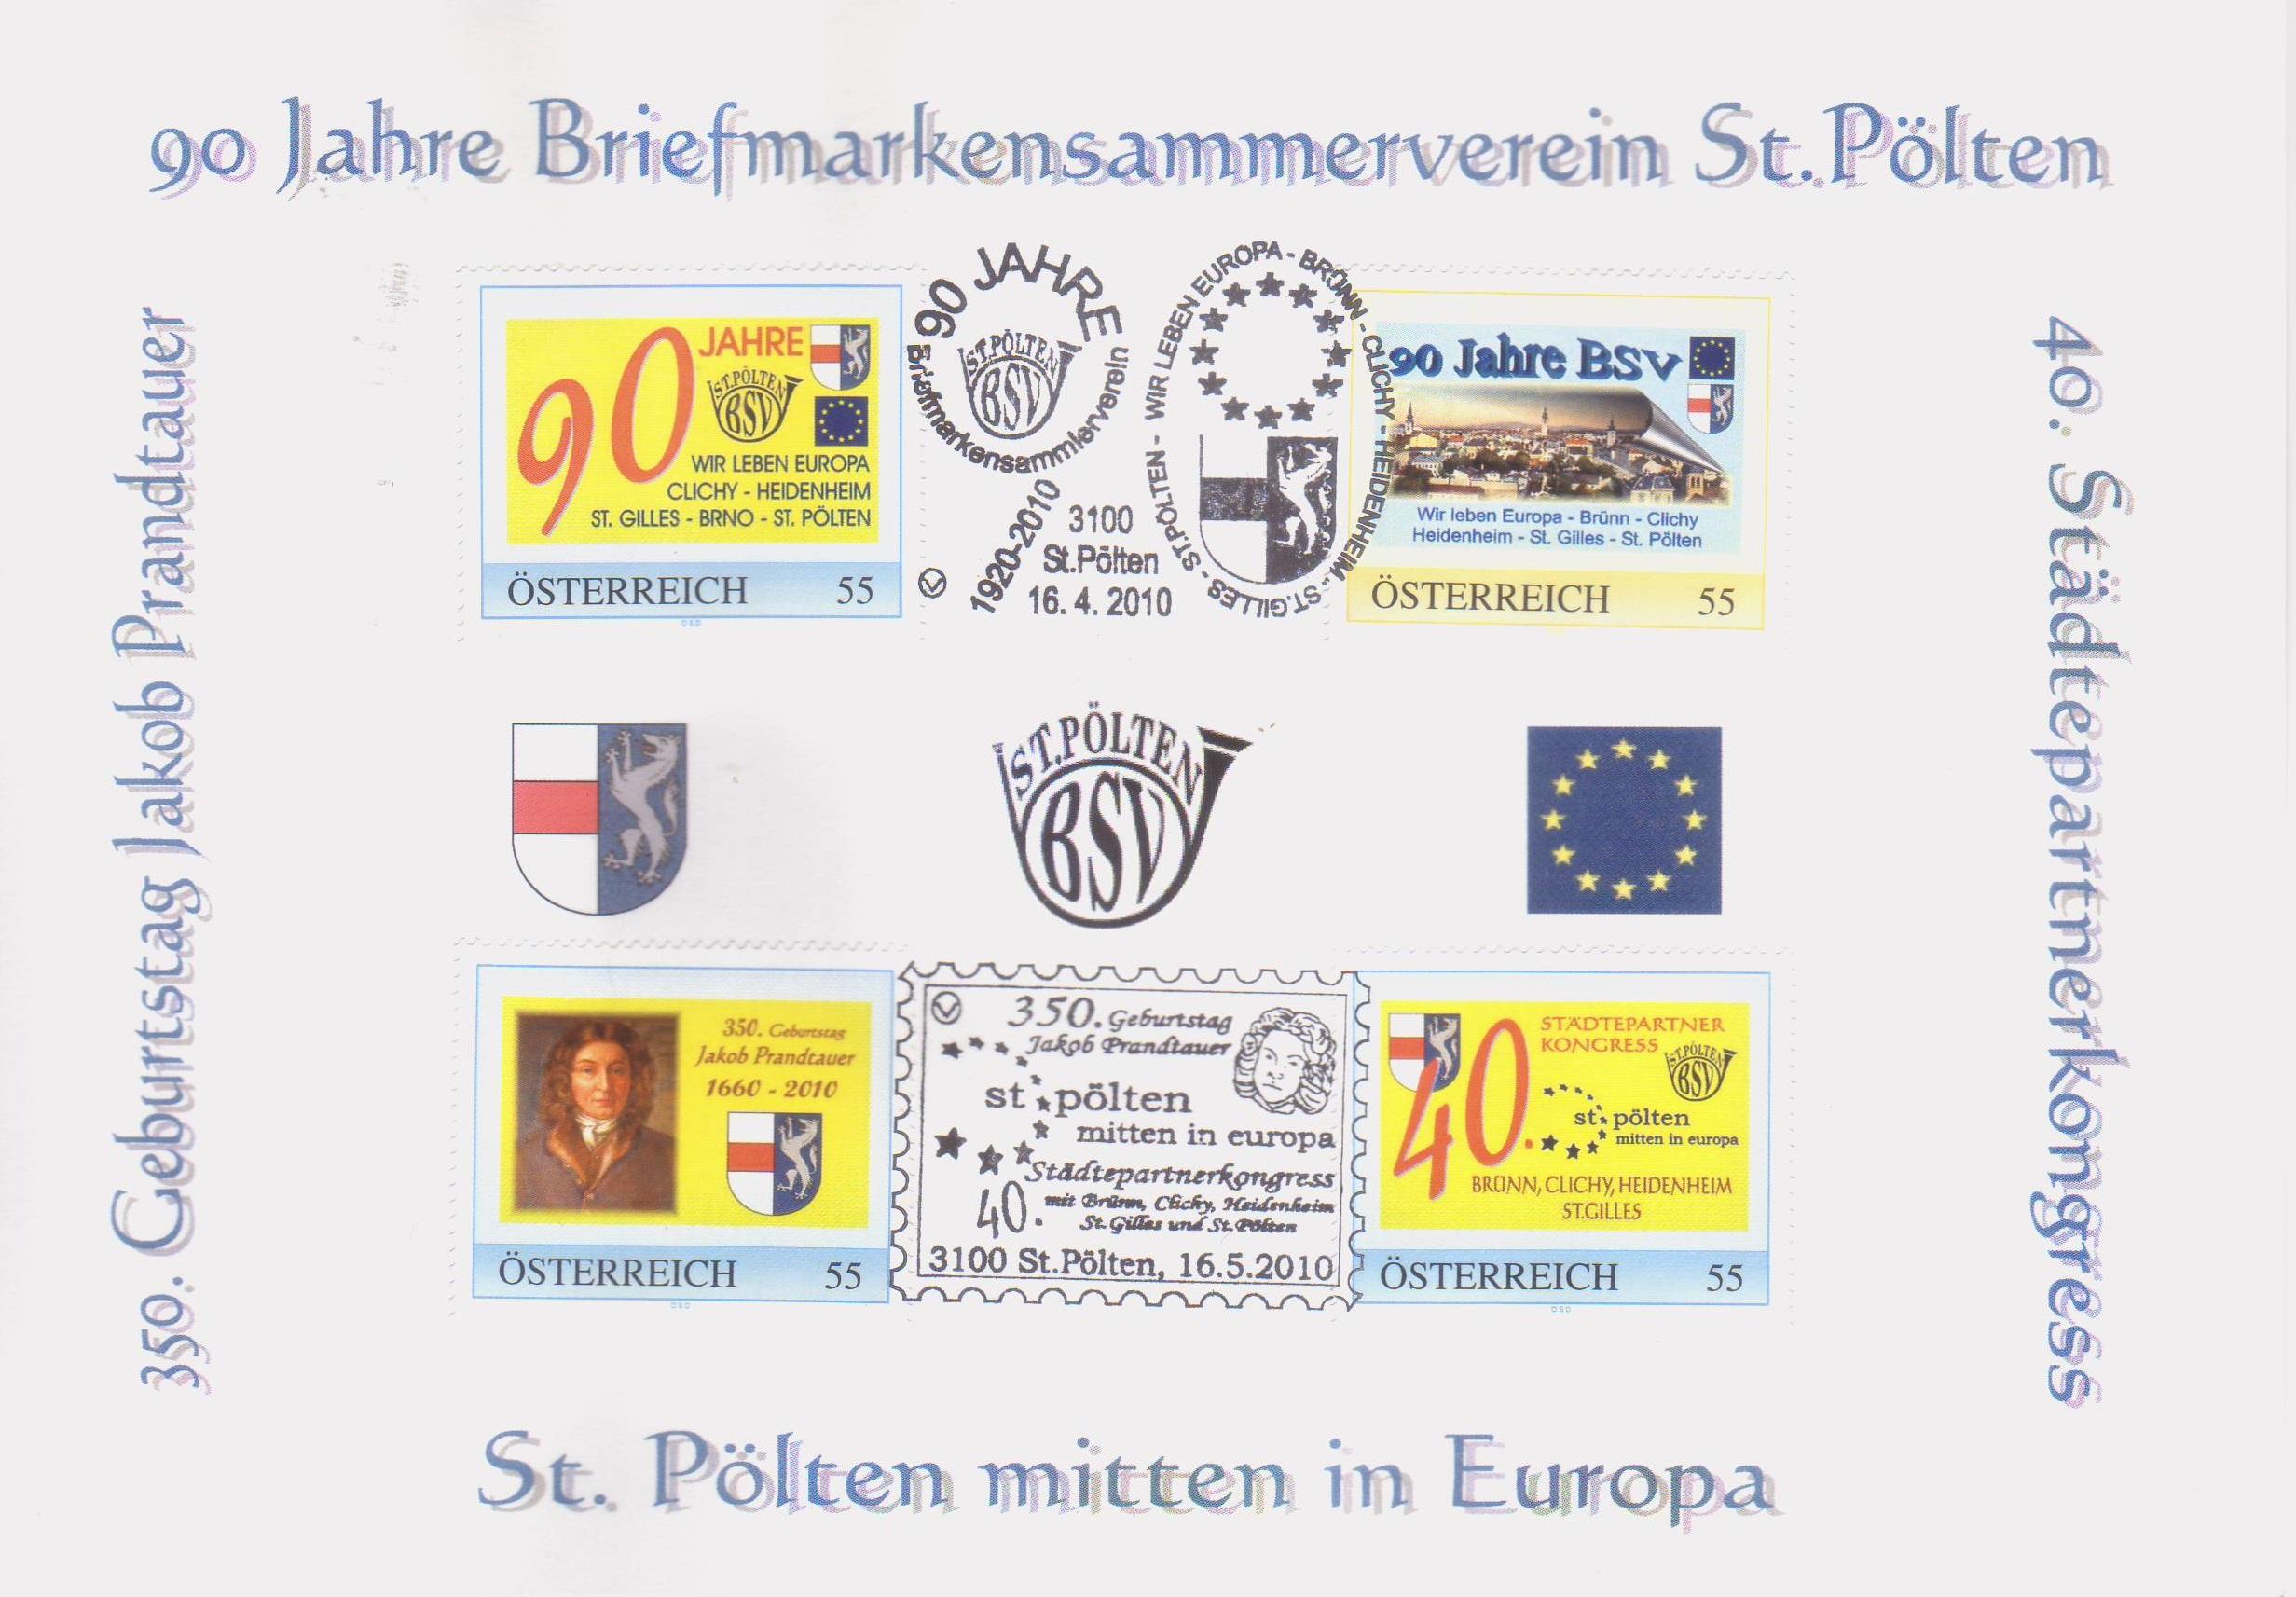 2010 7.-EUR 90 Jahre BSV St.Poelten